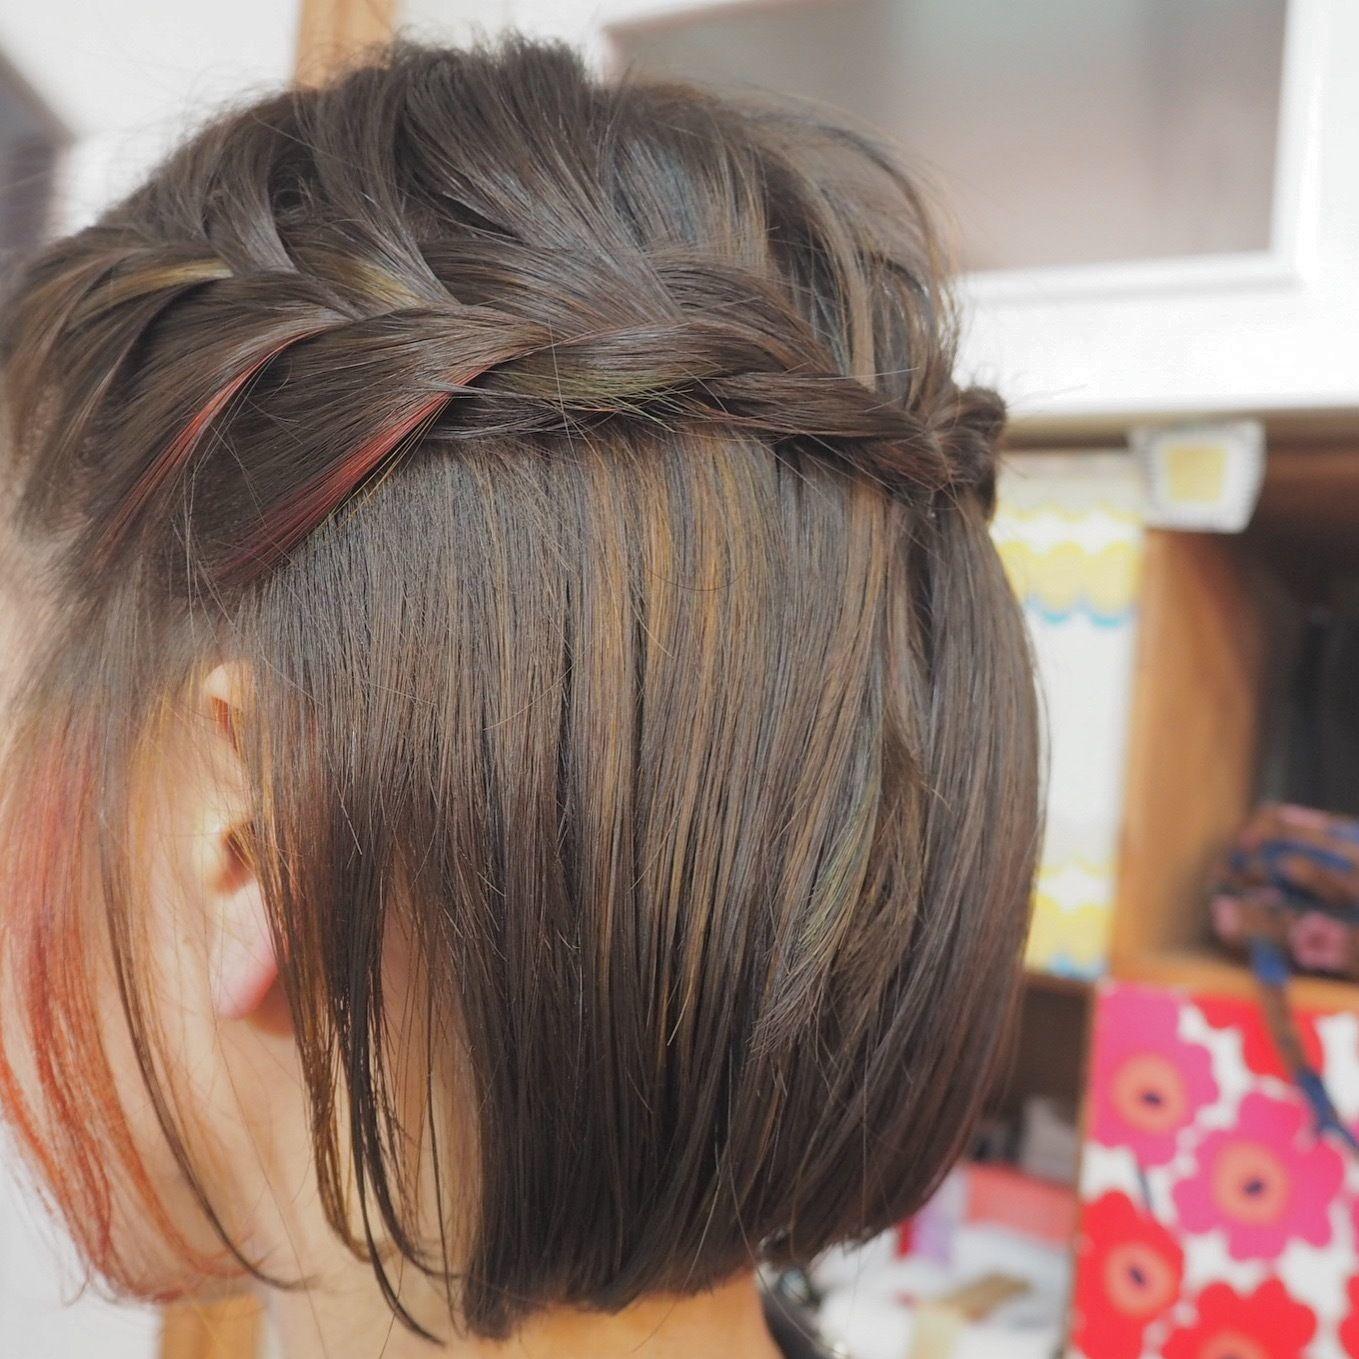 2019《結婚式髪型カタログ》晴れの日にふさわしいヘアアレンジ ...